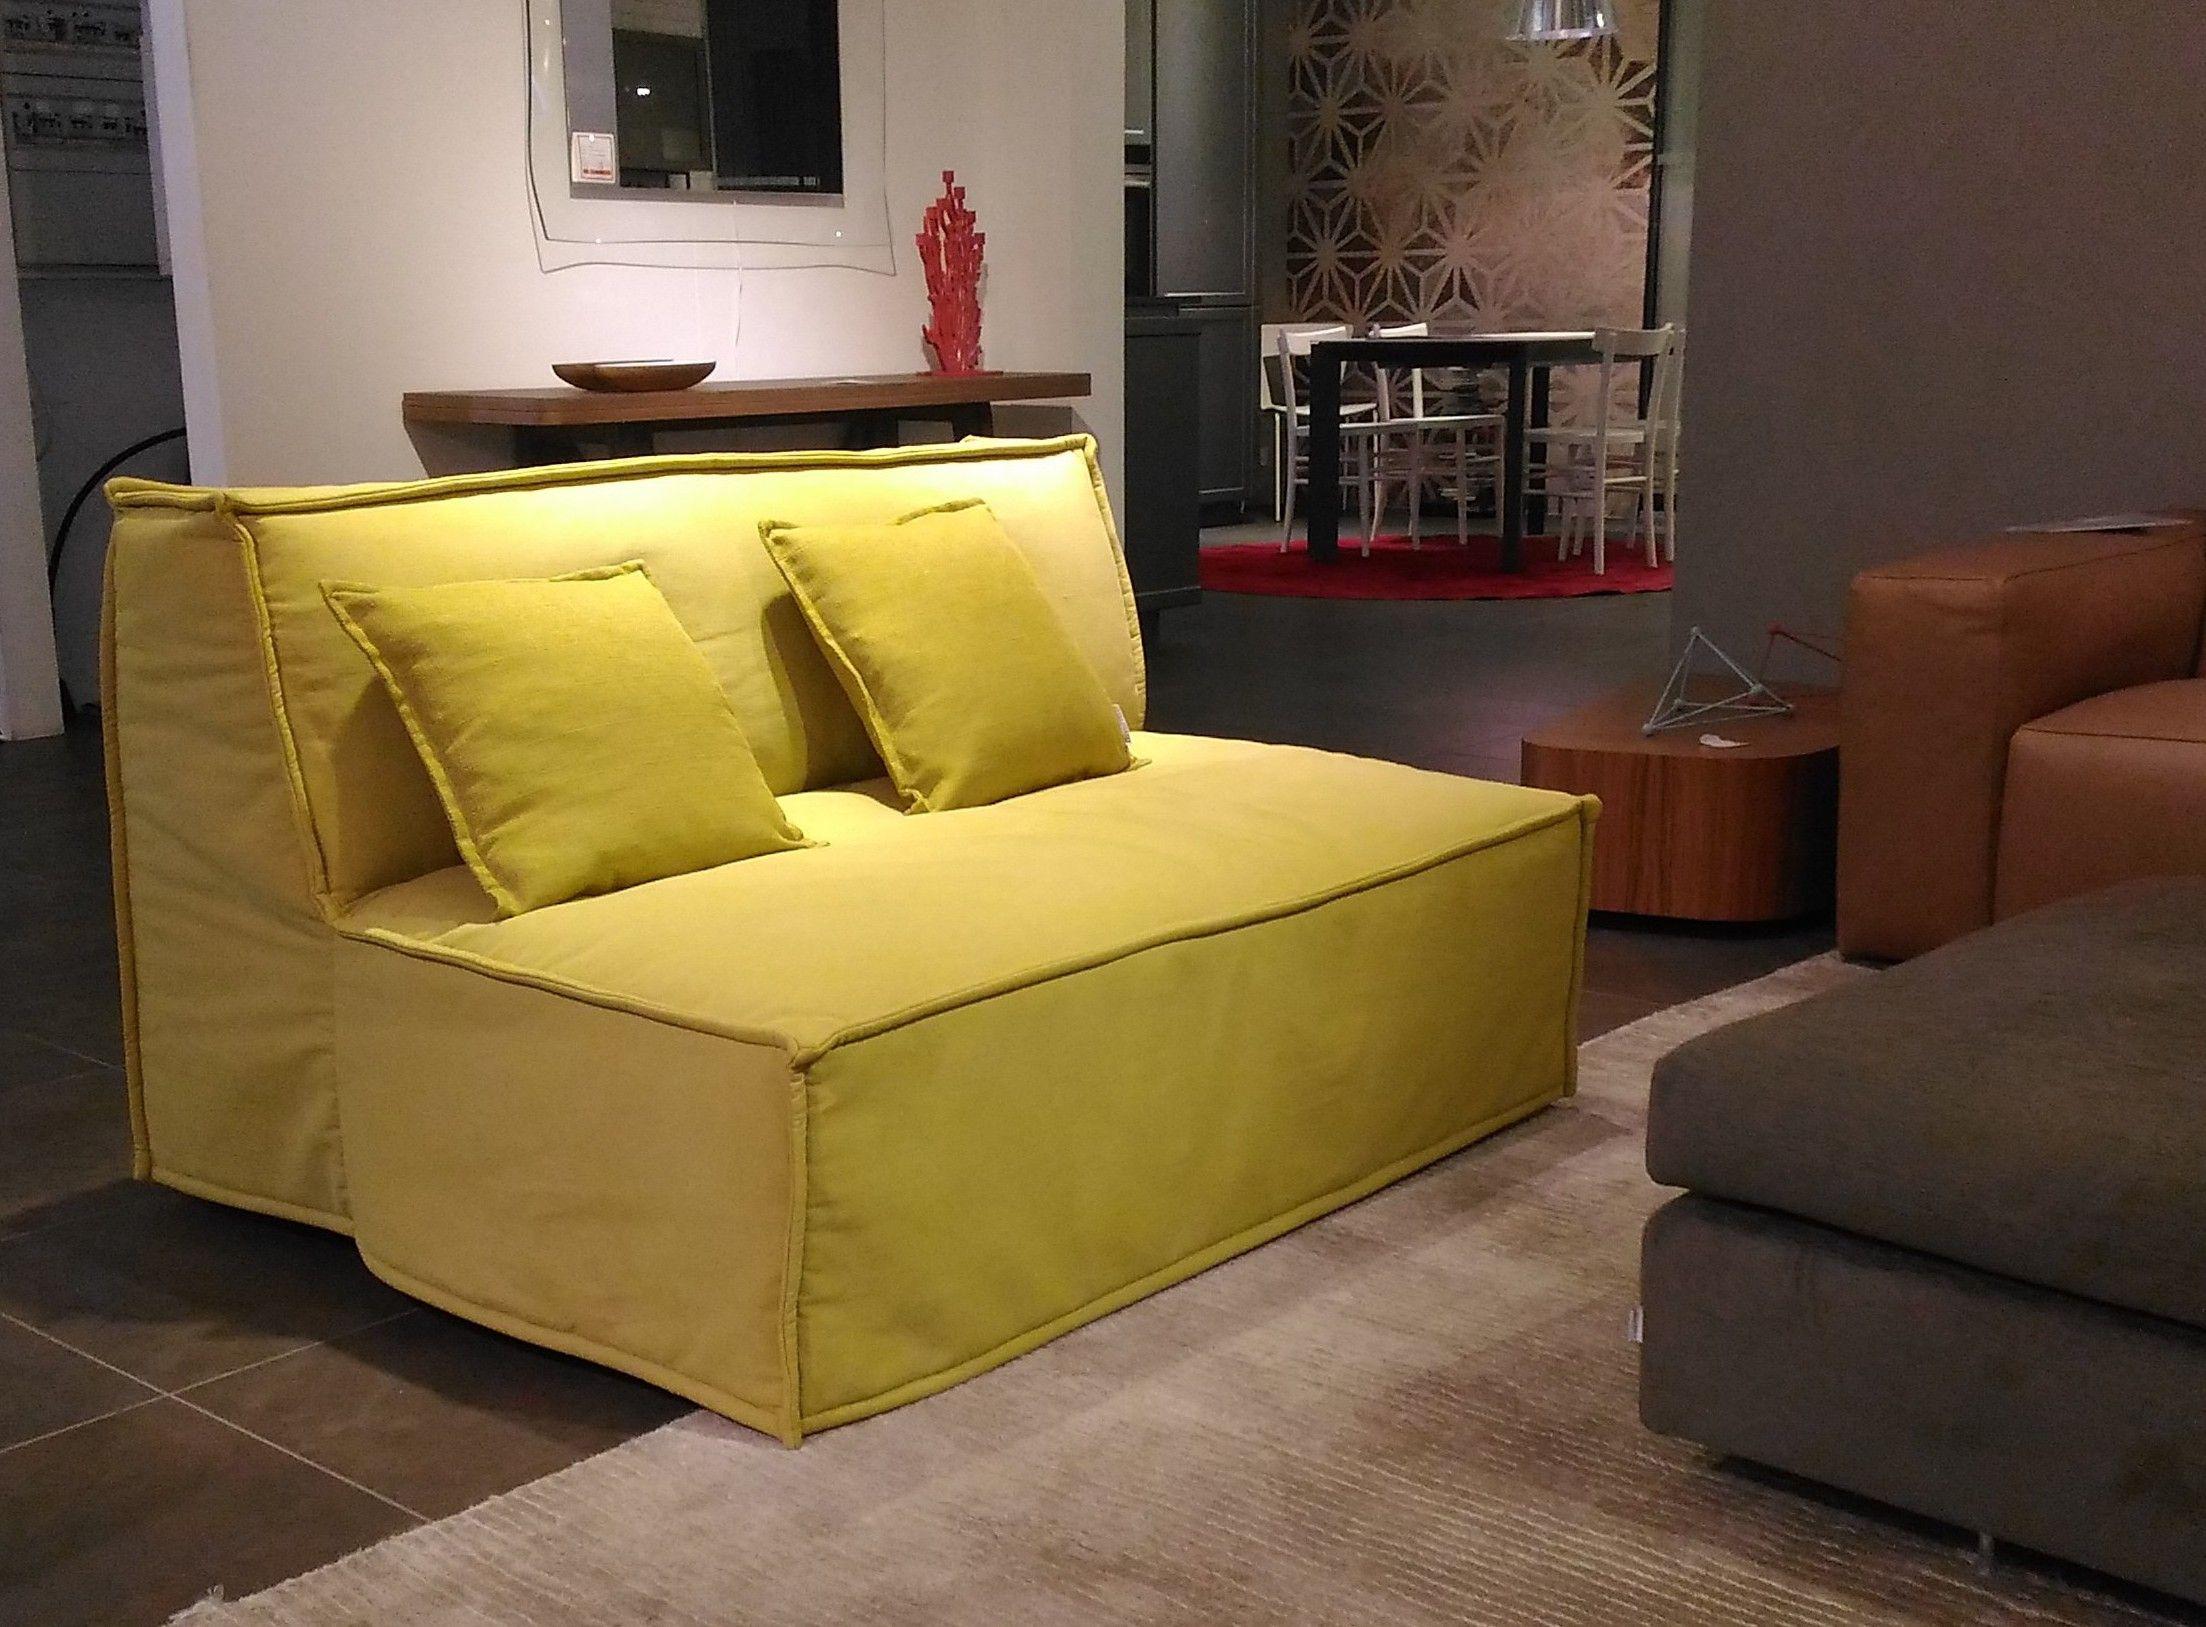 Tommy Sofa And Sofa Bed By Milano Bedding Divani Divani Letto Design